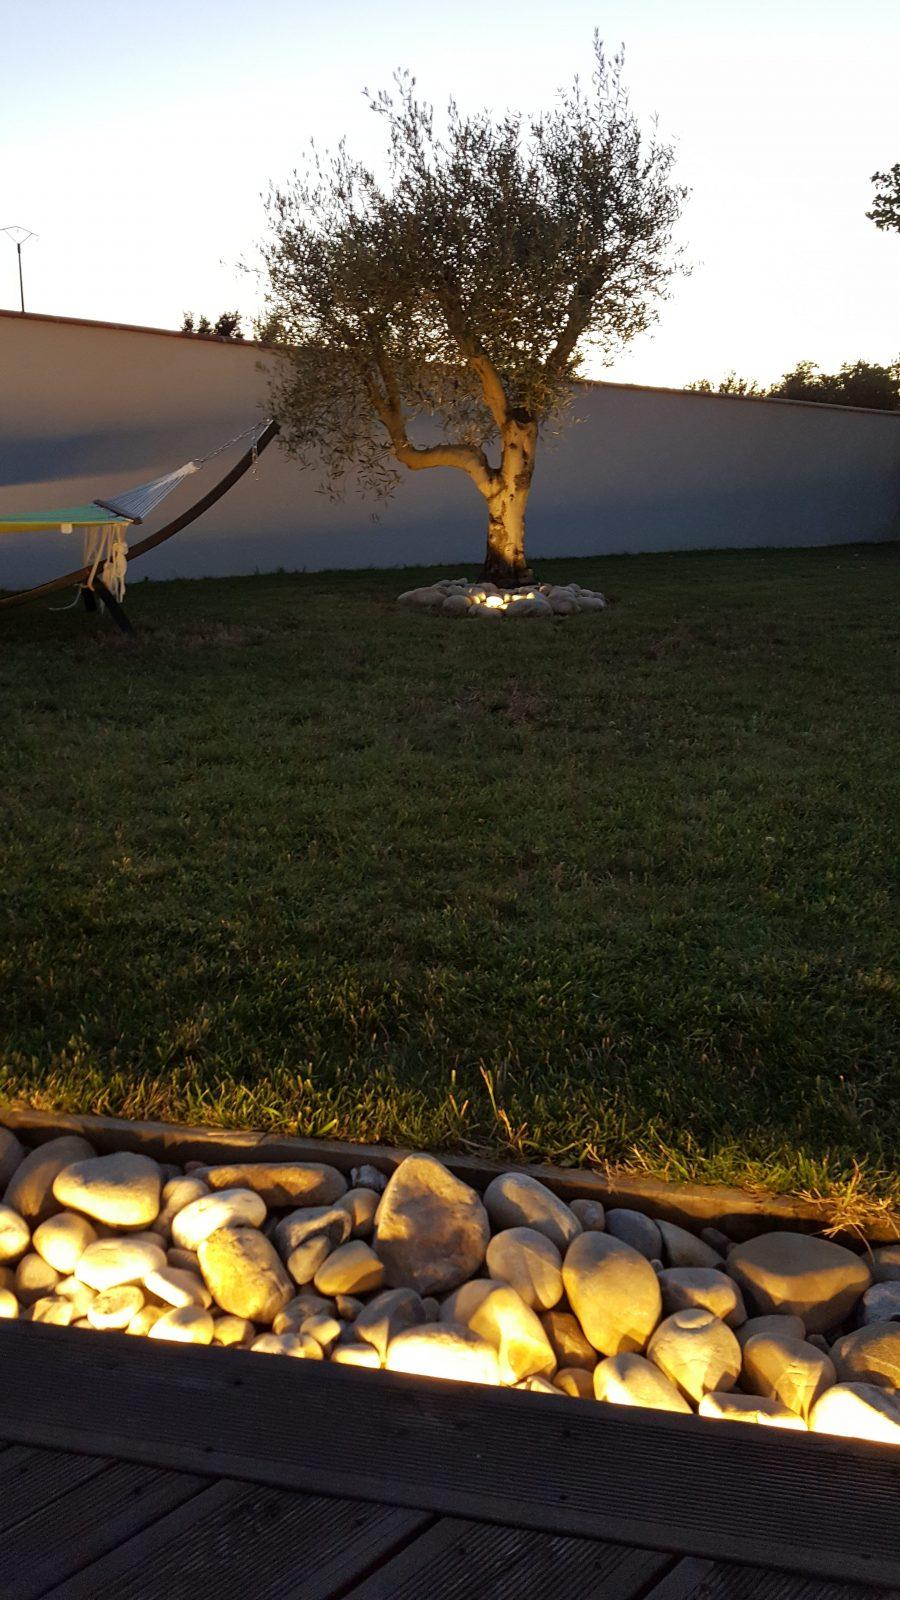 bandeau led, spots led enterrés, terrasse bois, éclairage arbre